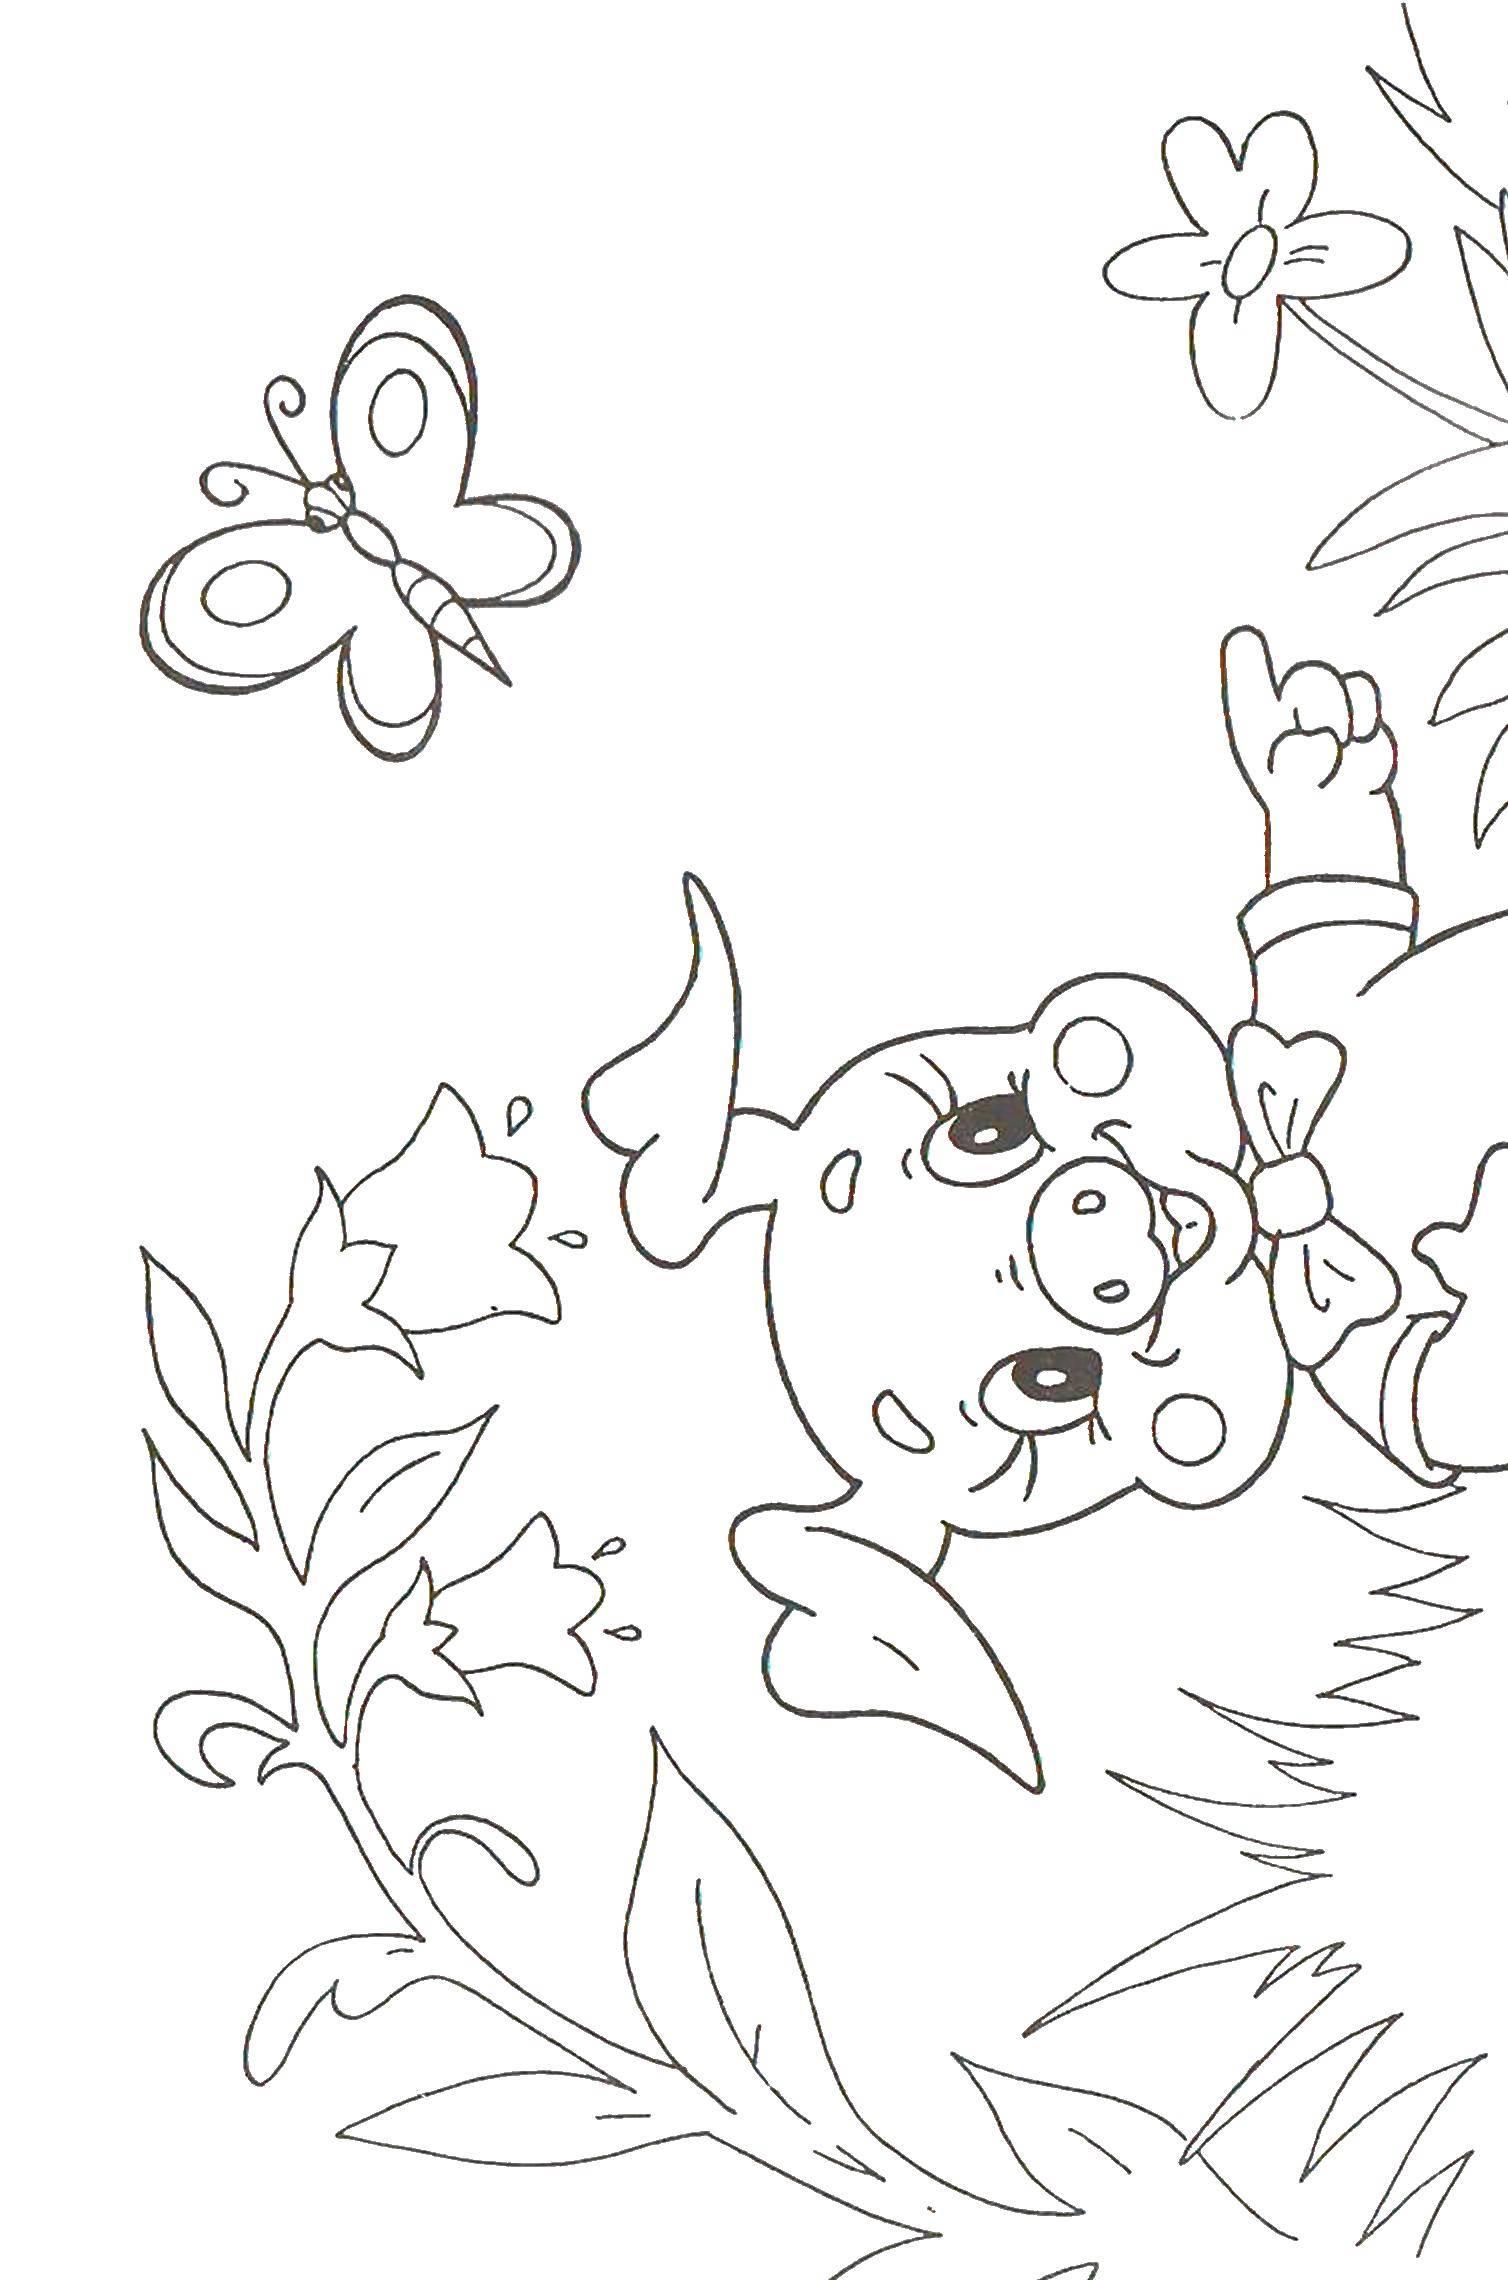 Раскраска Поросенок ловит бабочку Скачать поросенок, волк.  Распечатать ,три поросенка,